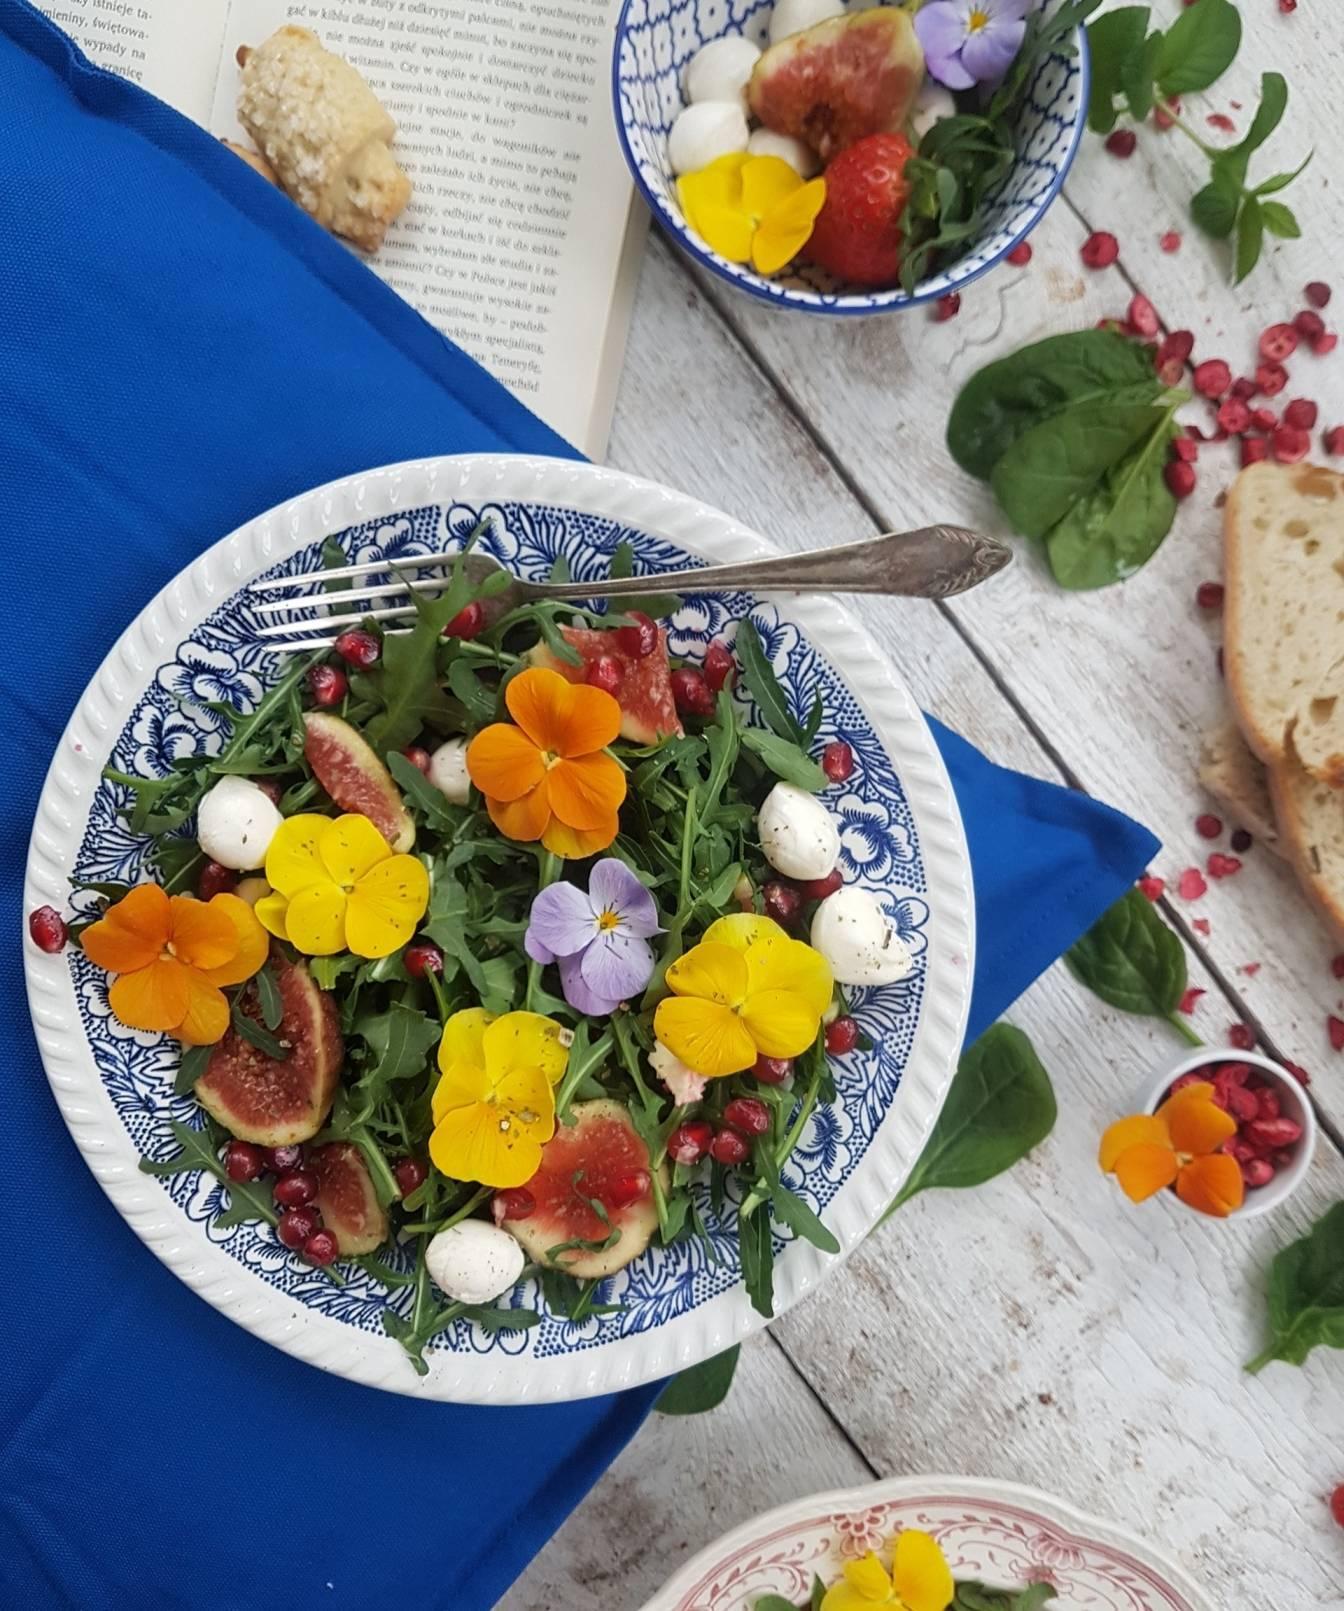 Przepis na sałatkę z bratkami, figą i owocem granatu. Pomysły na kwiaty jadalne na talerzu Agnieszki Żelazko.